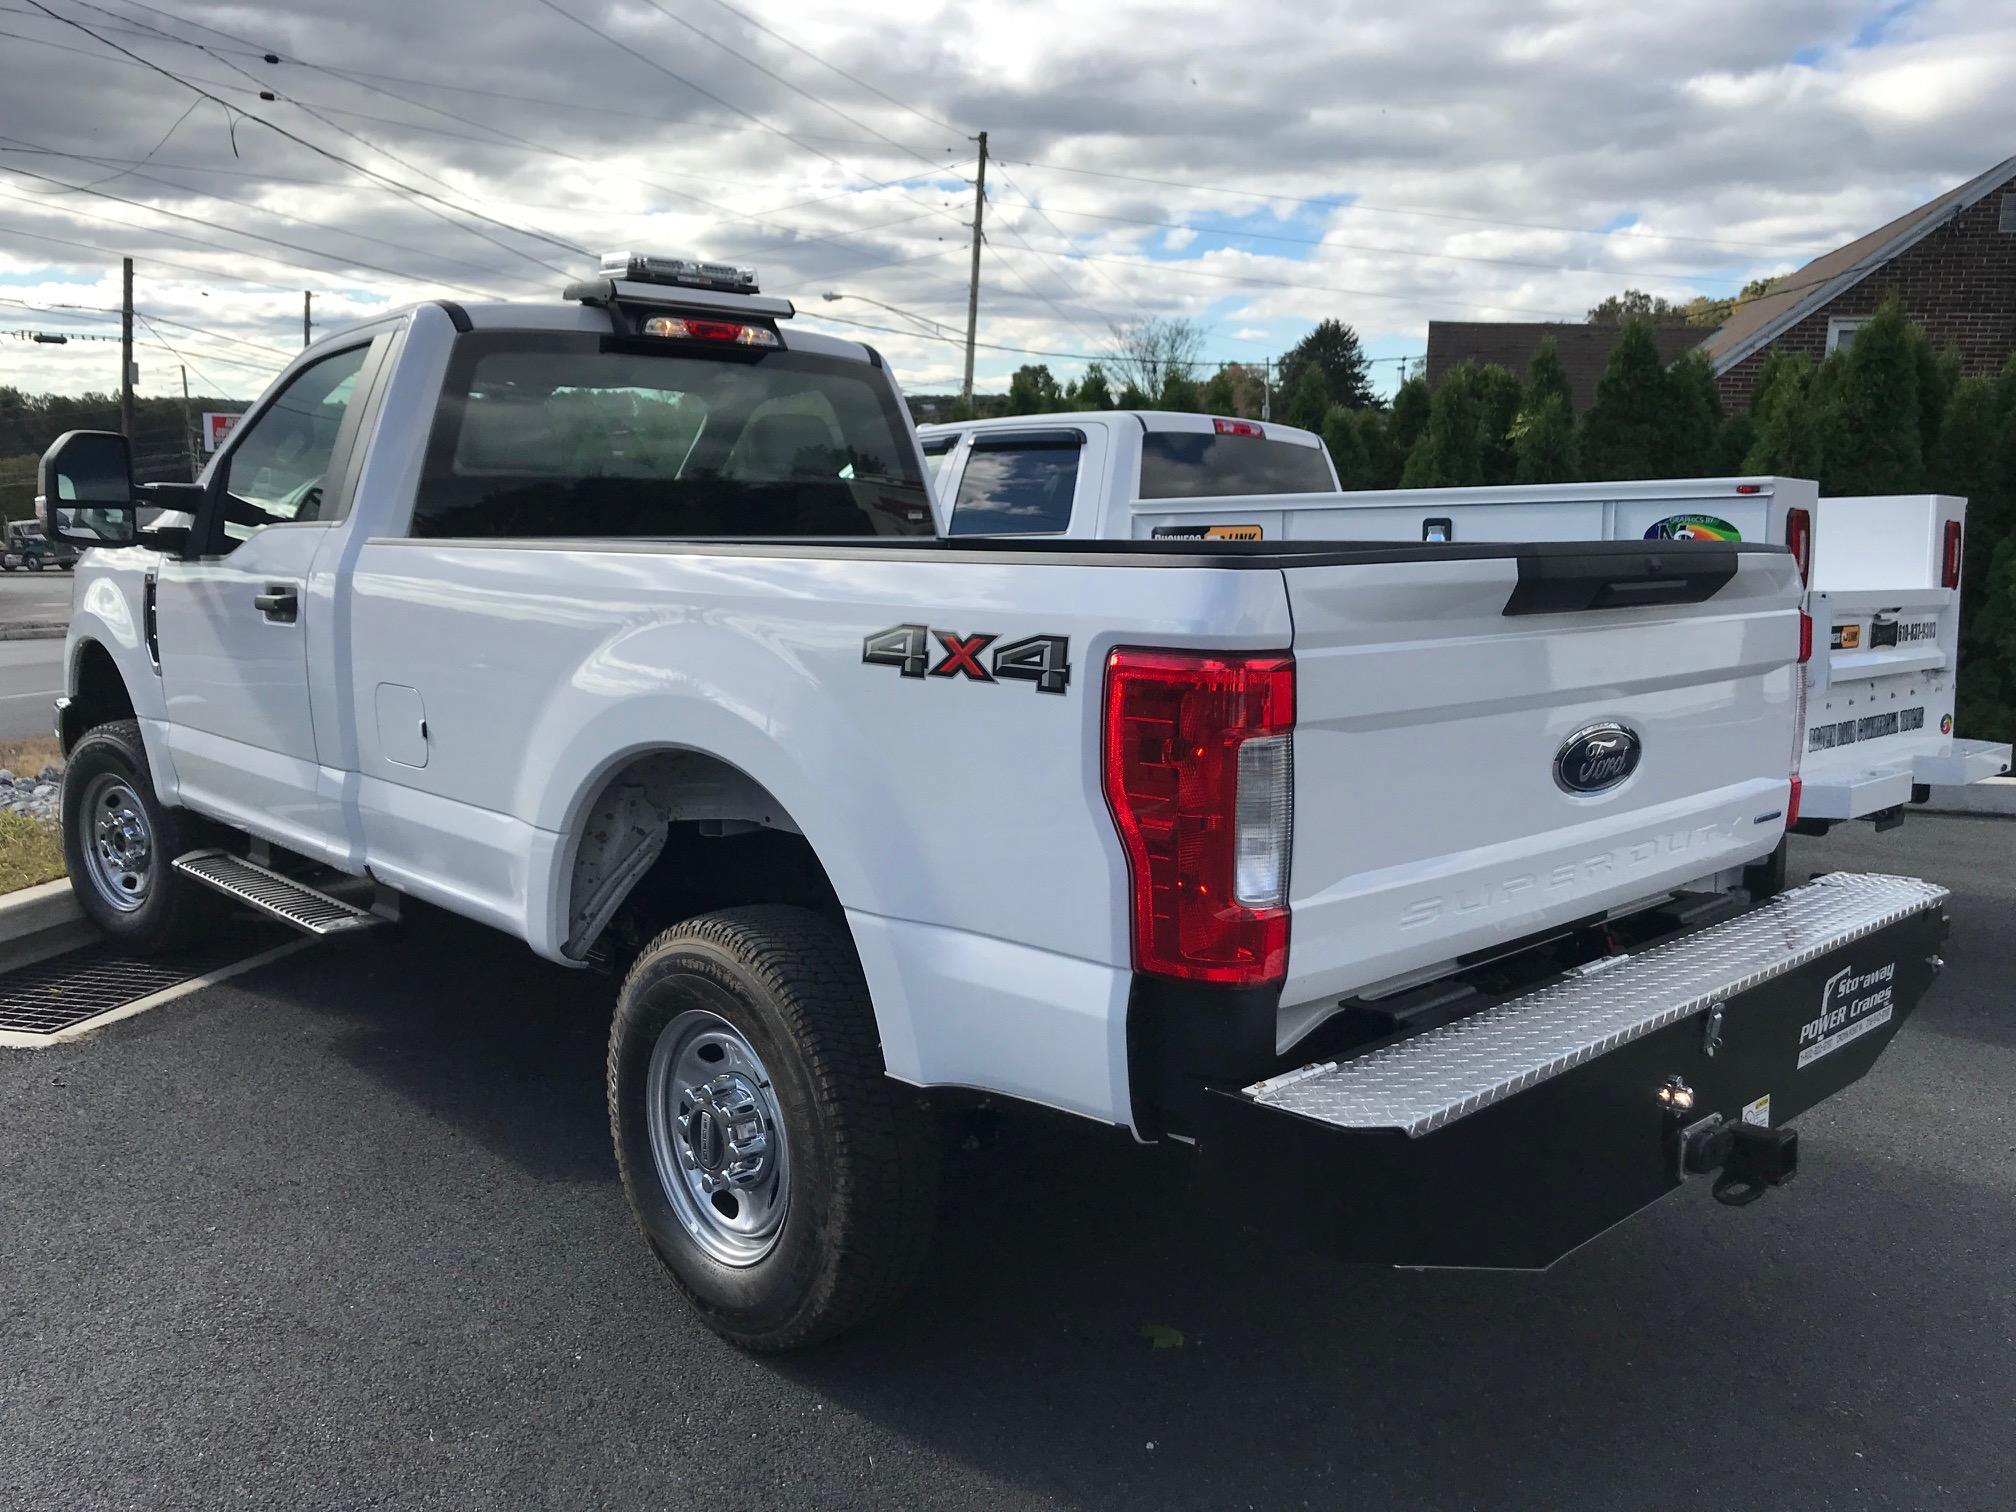 back of white pickup truck